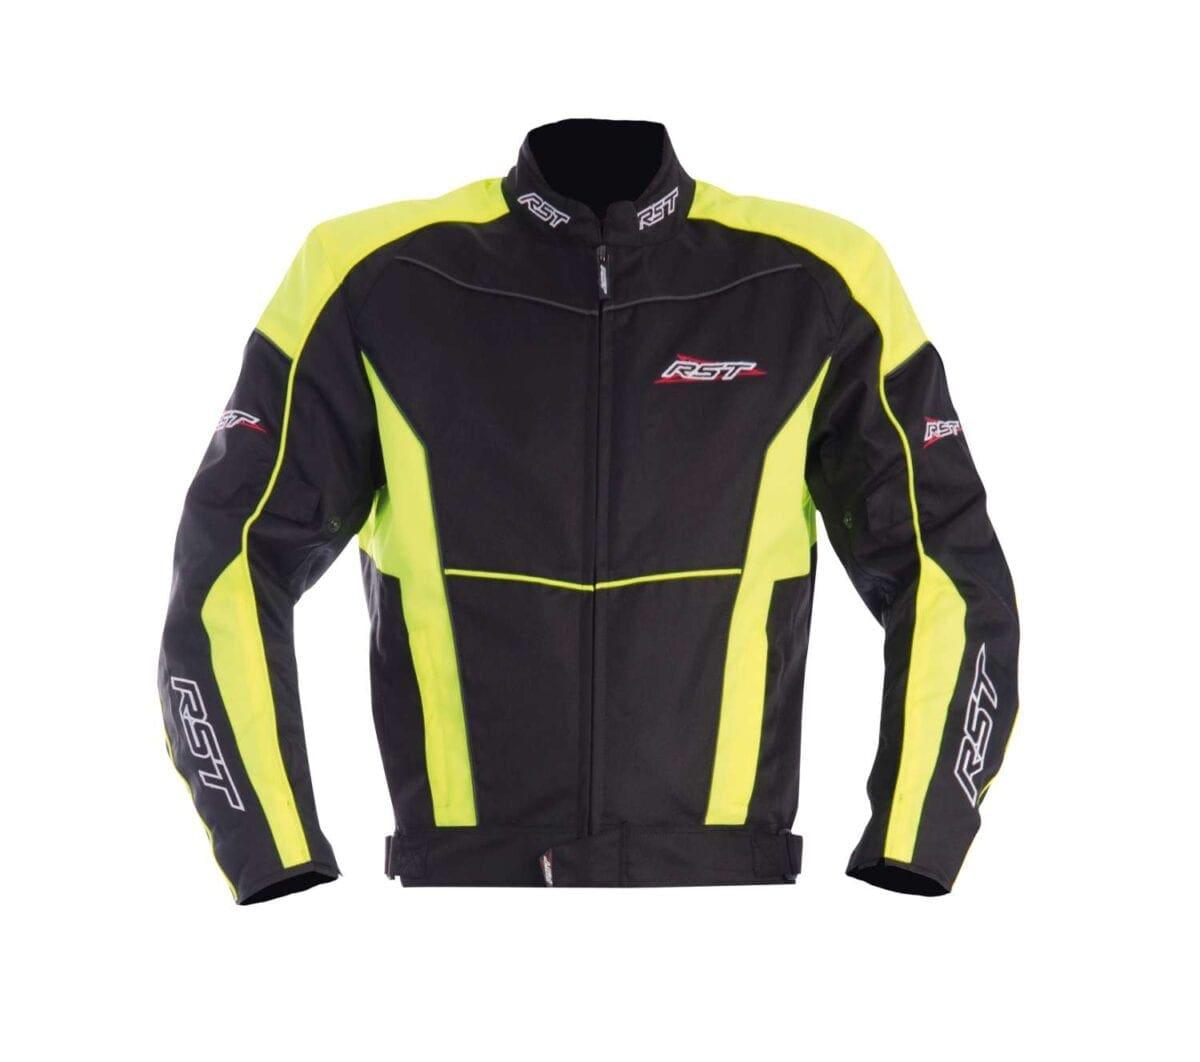 RST-Urban-jacket